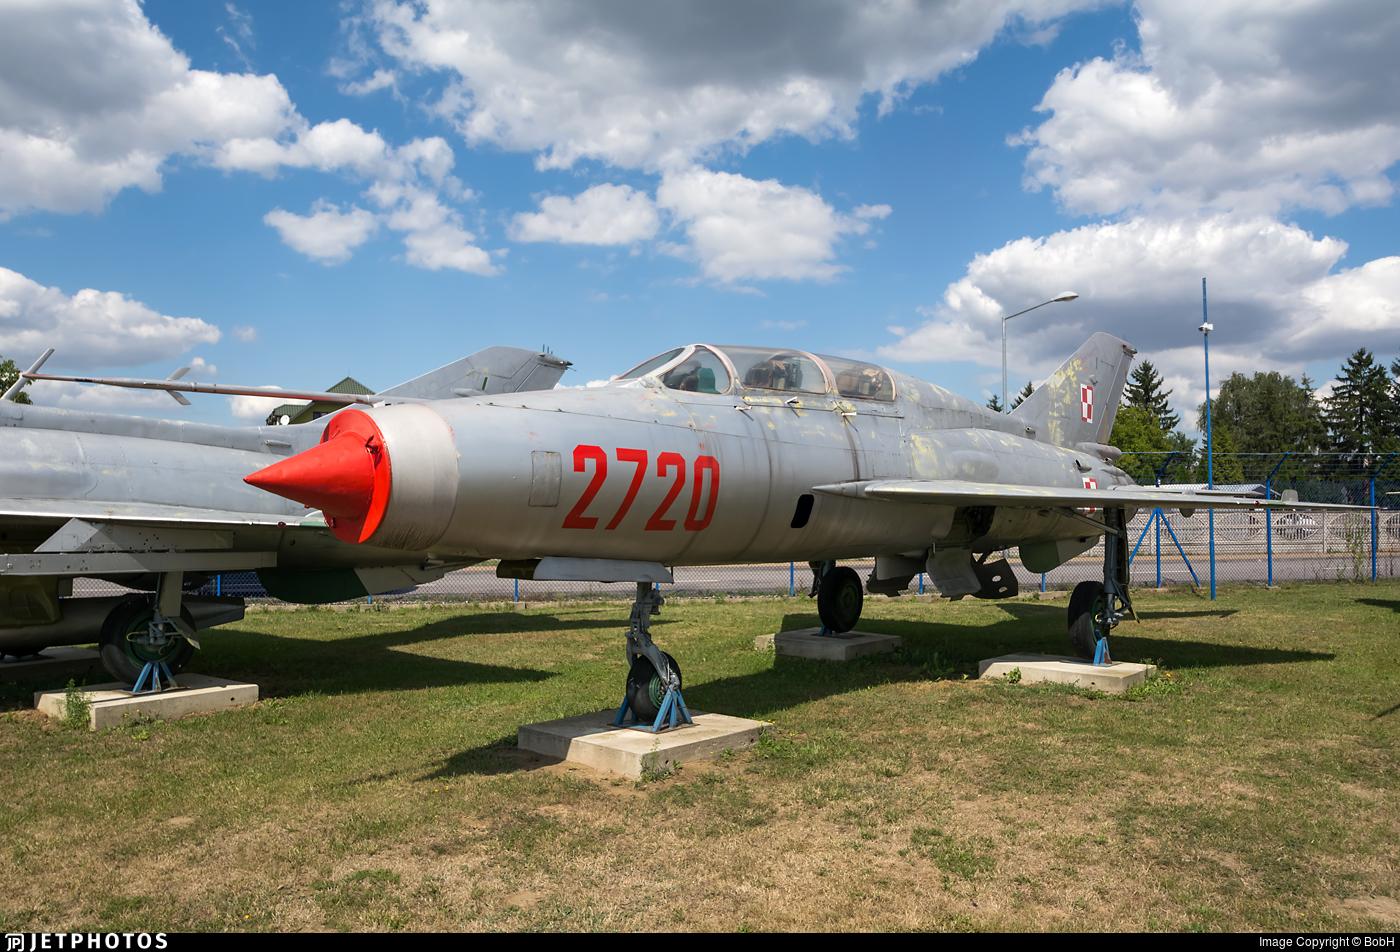 2720 - Mikoyan-Gurevich MiG-21U Mongol A - Poland - Air Force